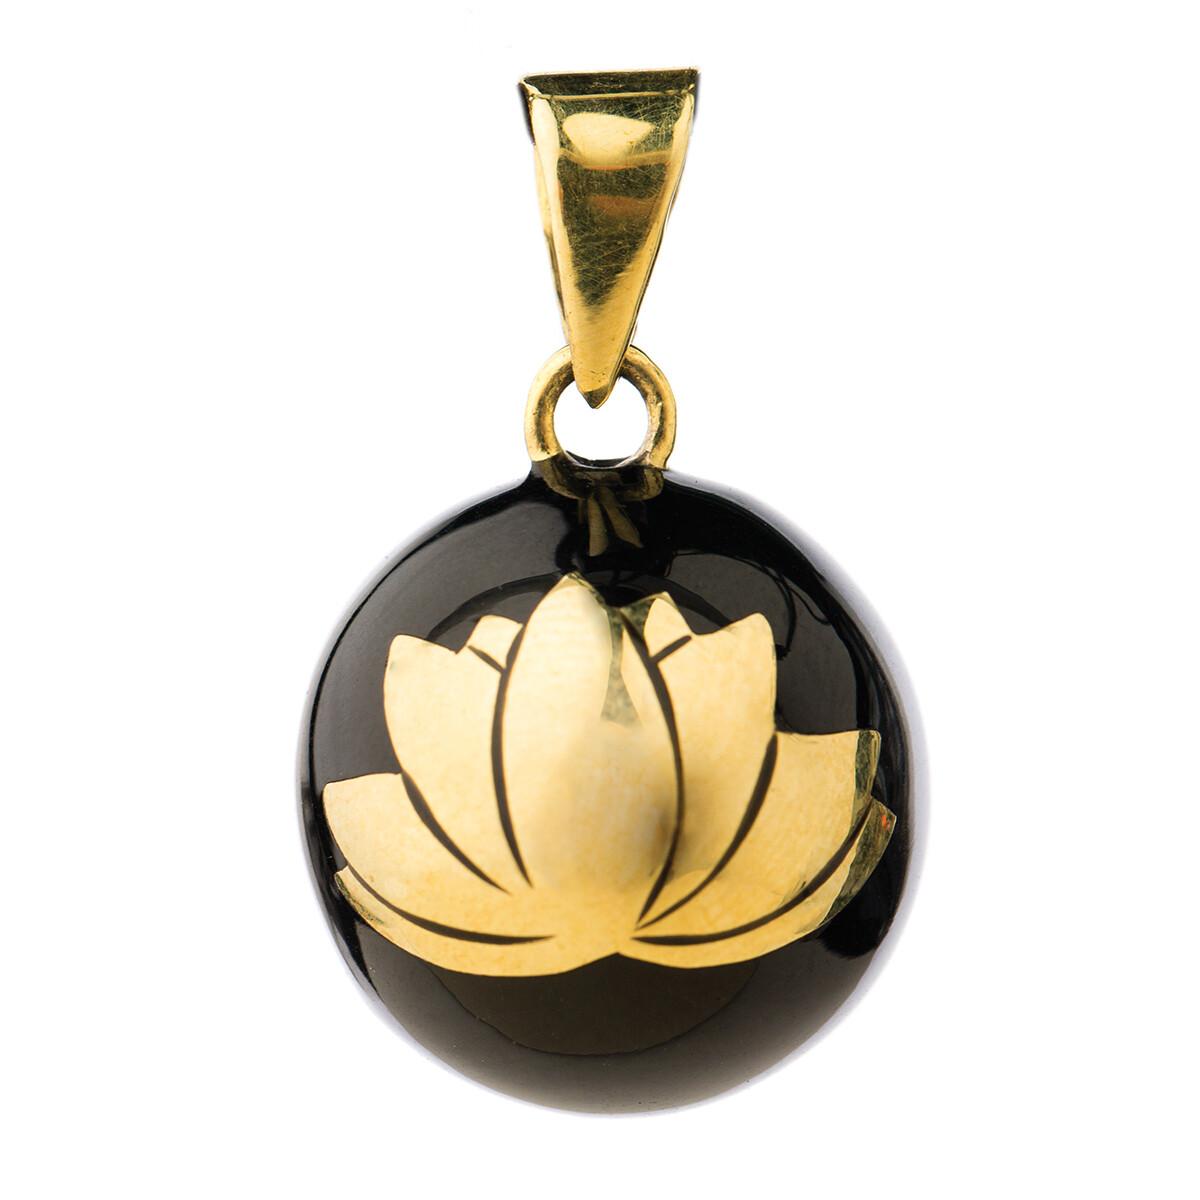 Bola Μενταγιόν εγκυμοσύνης - Μαύρο με χρυσό λουλούδι Λωτός